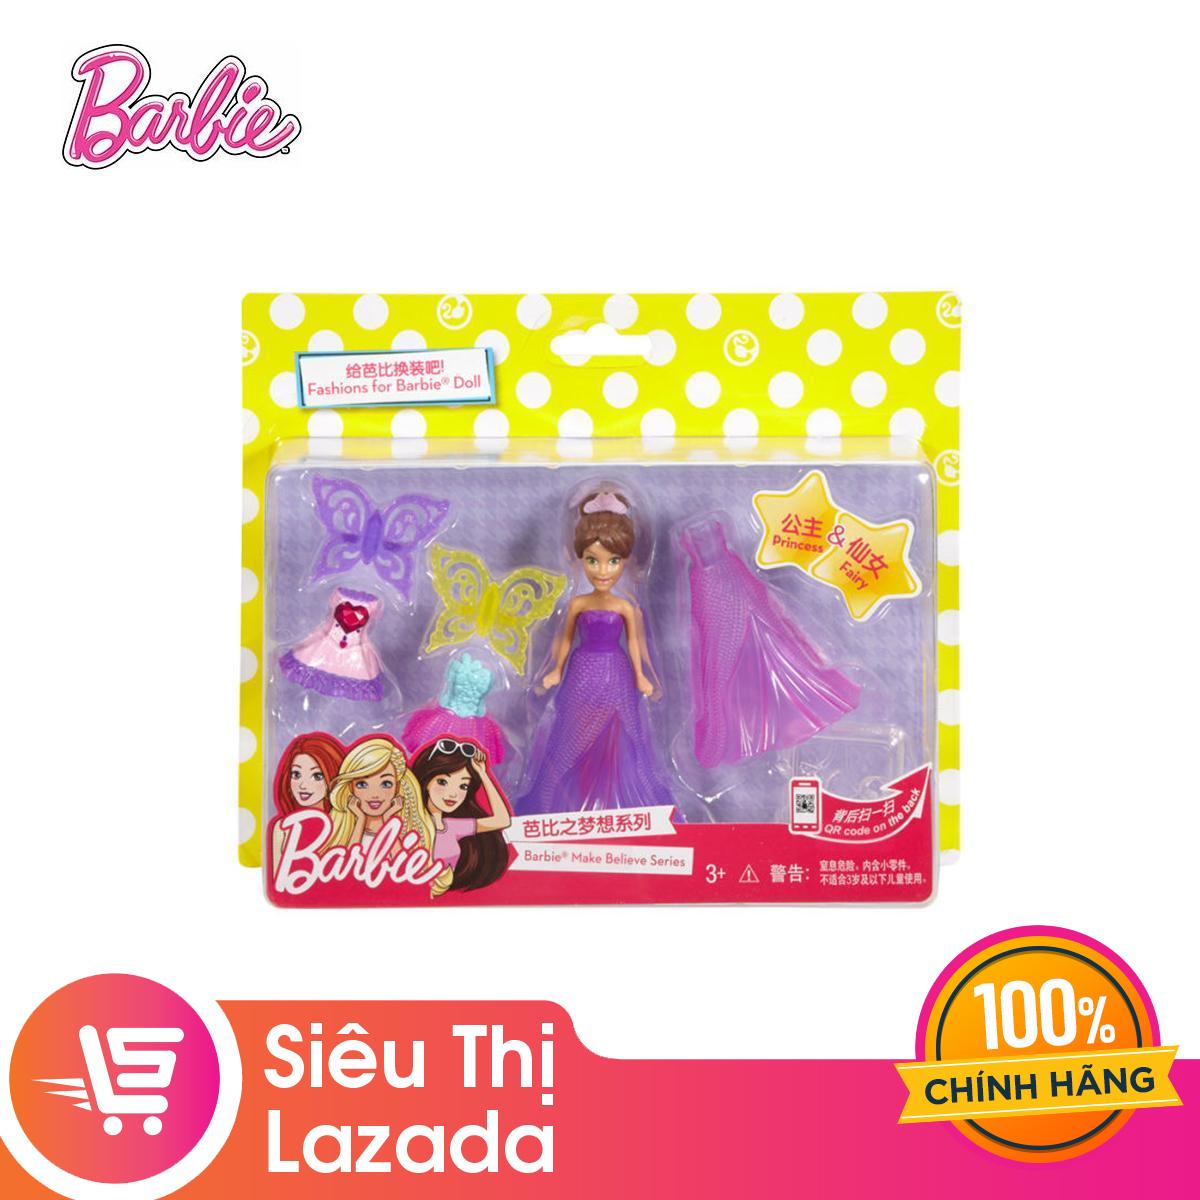 Mã Khuyến Mãi tại Lazada cho [Voucher Freeship 30k]Búp Bê Thời Trang Tí Hon Barbie FMK92